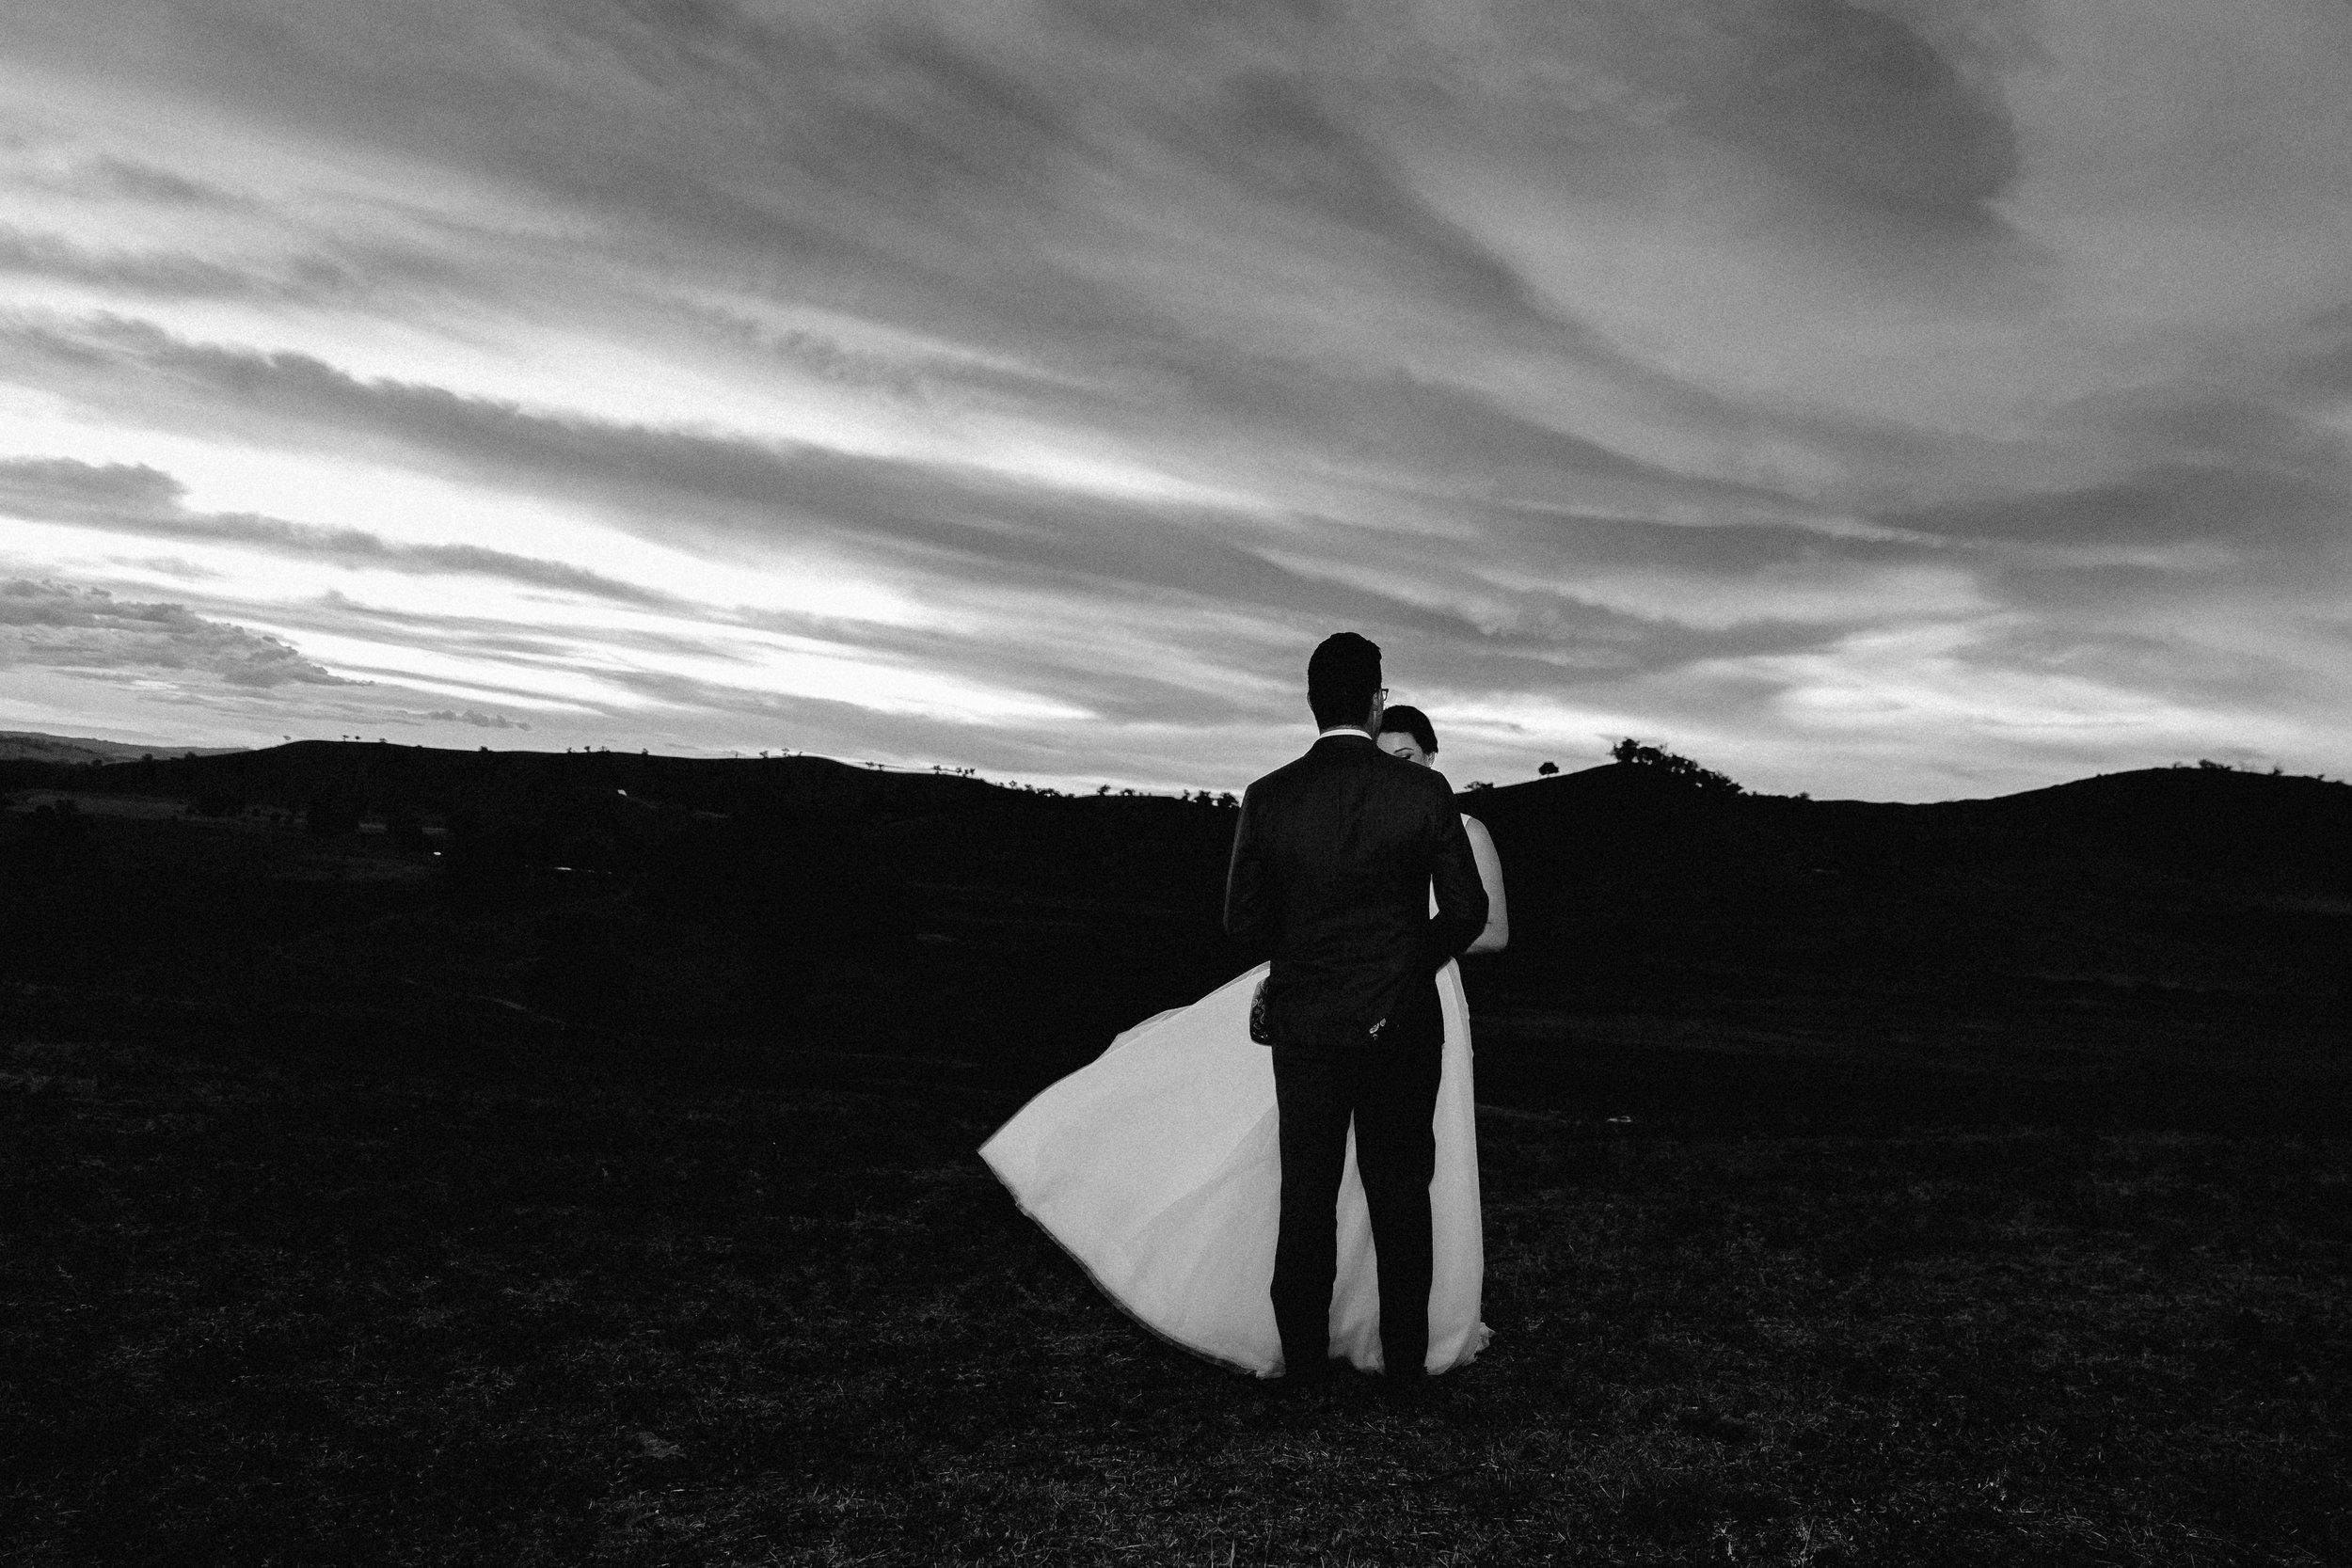 Lachlan-Jordan-Photography-7462.jpg